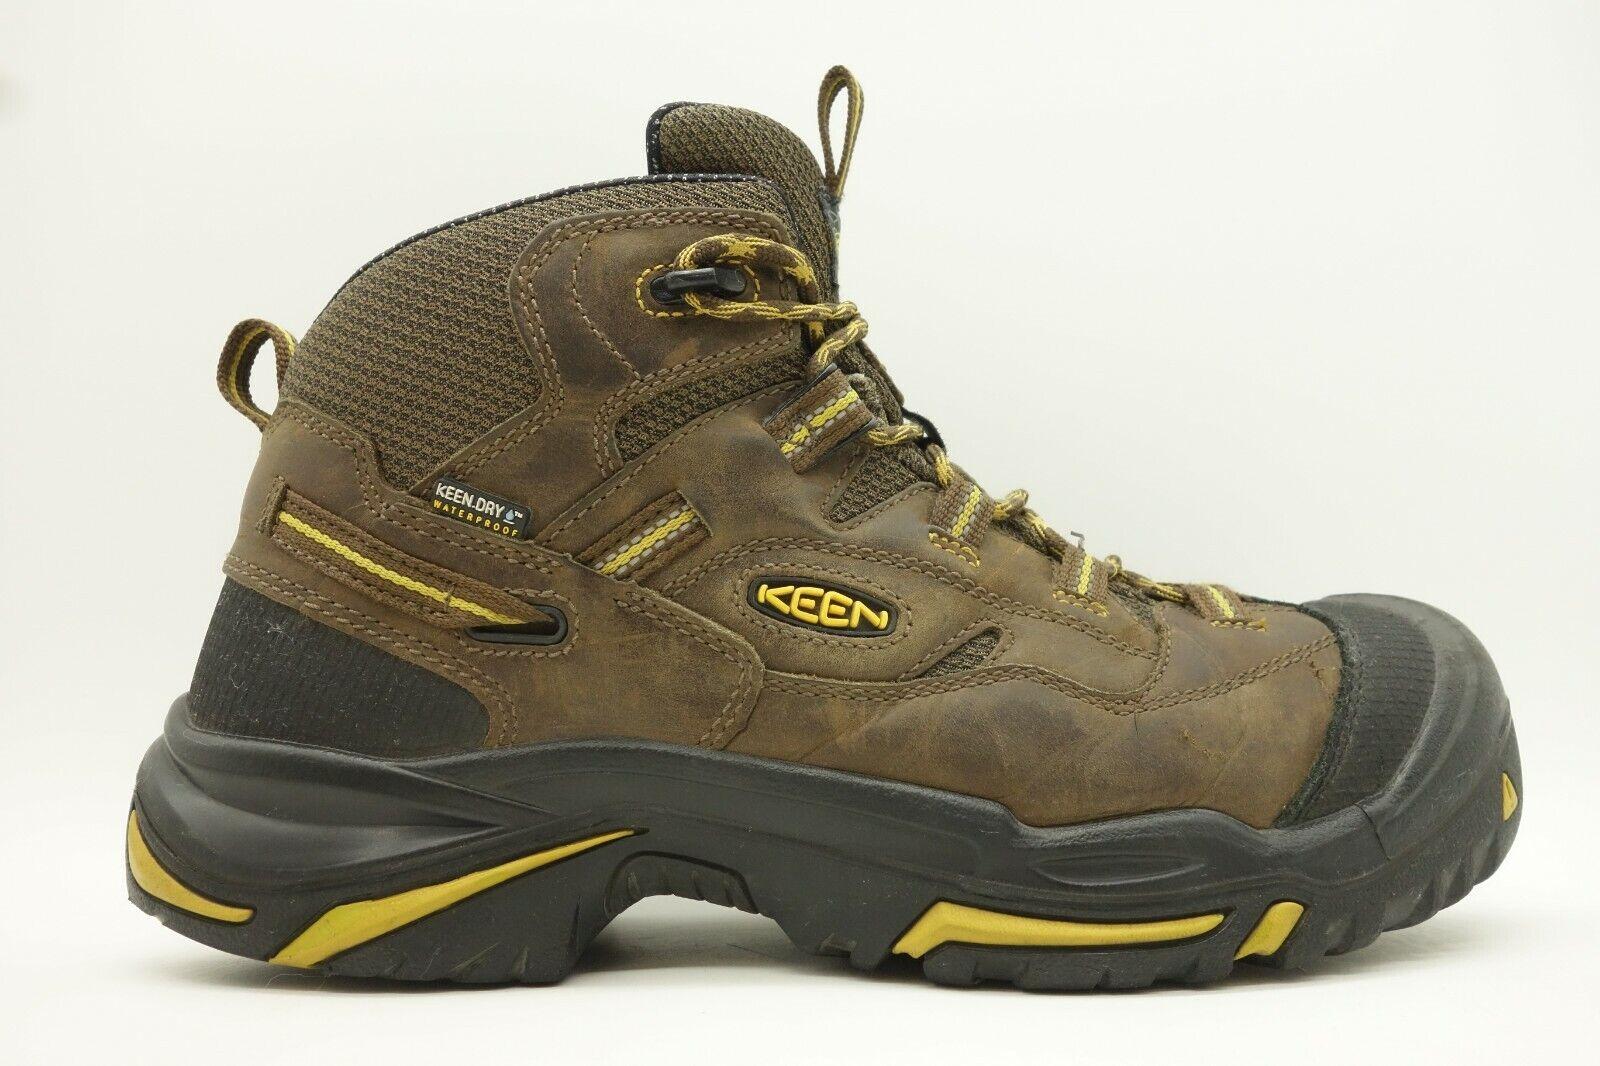 Keen USA Oregon Marrón Cuero Puntera De Acero De Parachoques Built Bota Zapato Para Hombre 11 2E Extra Ancho